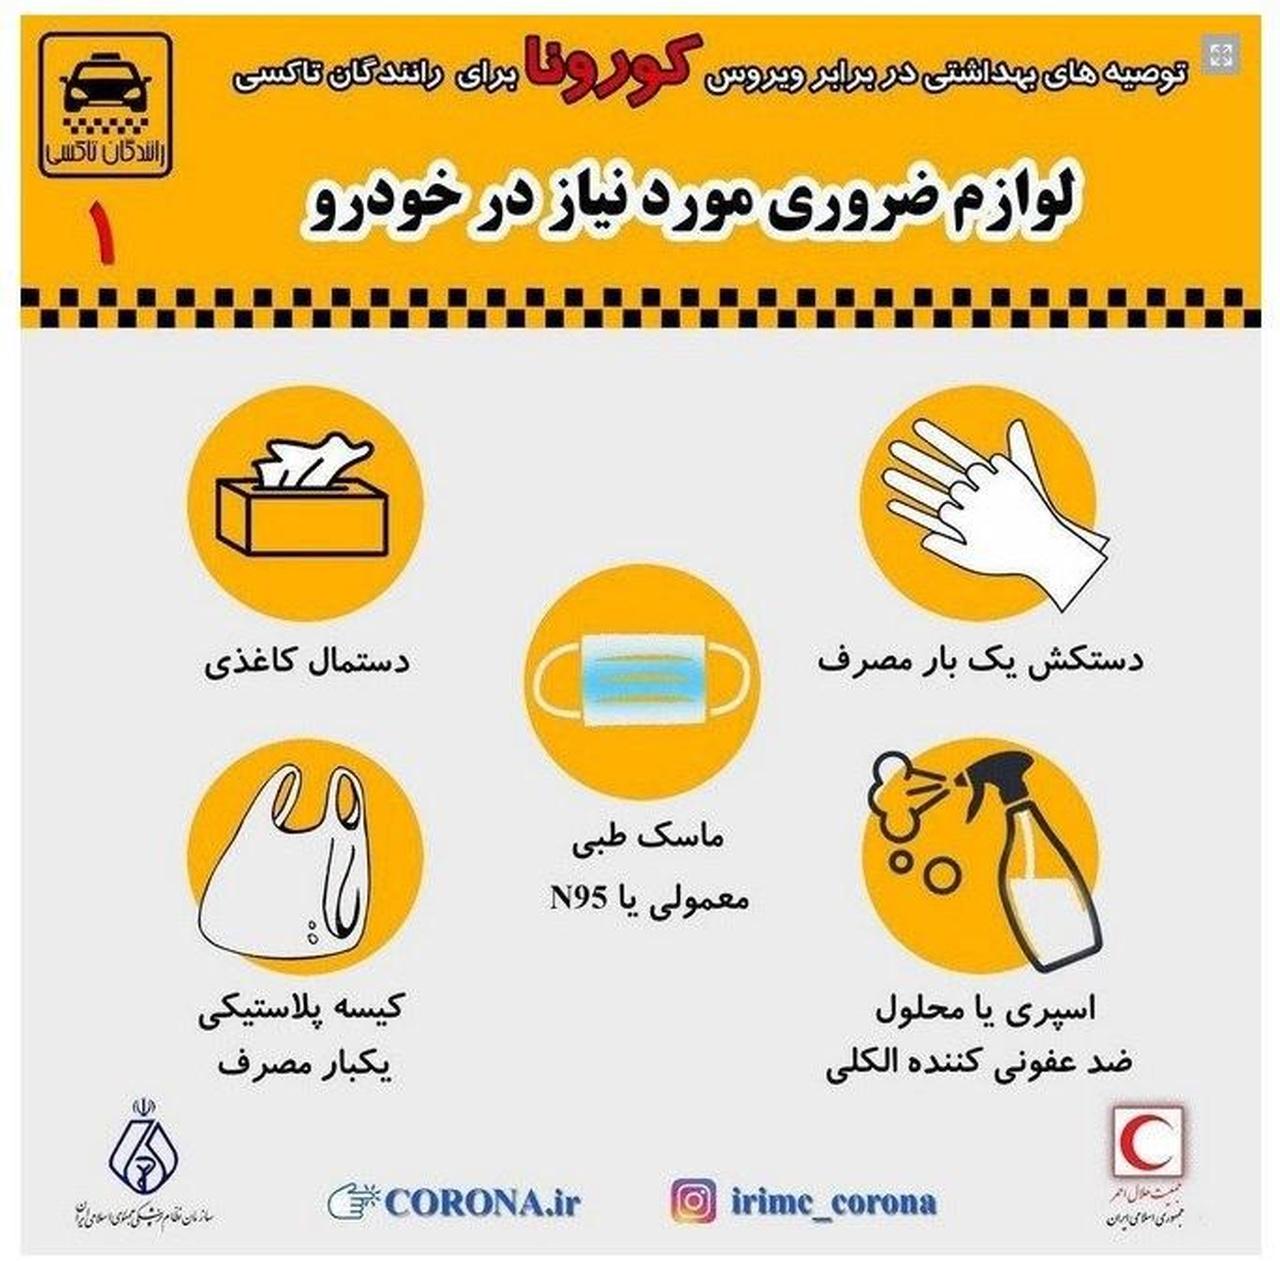 لوازم ضروری مورد نیاز در خودرو